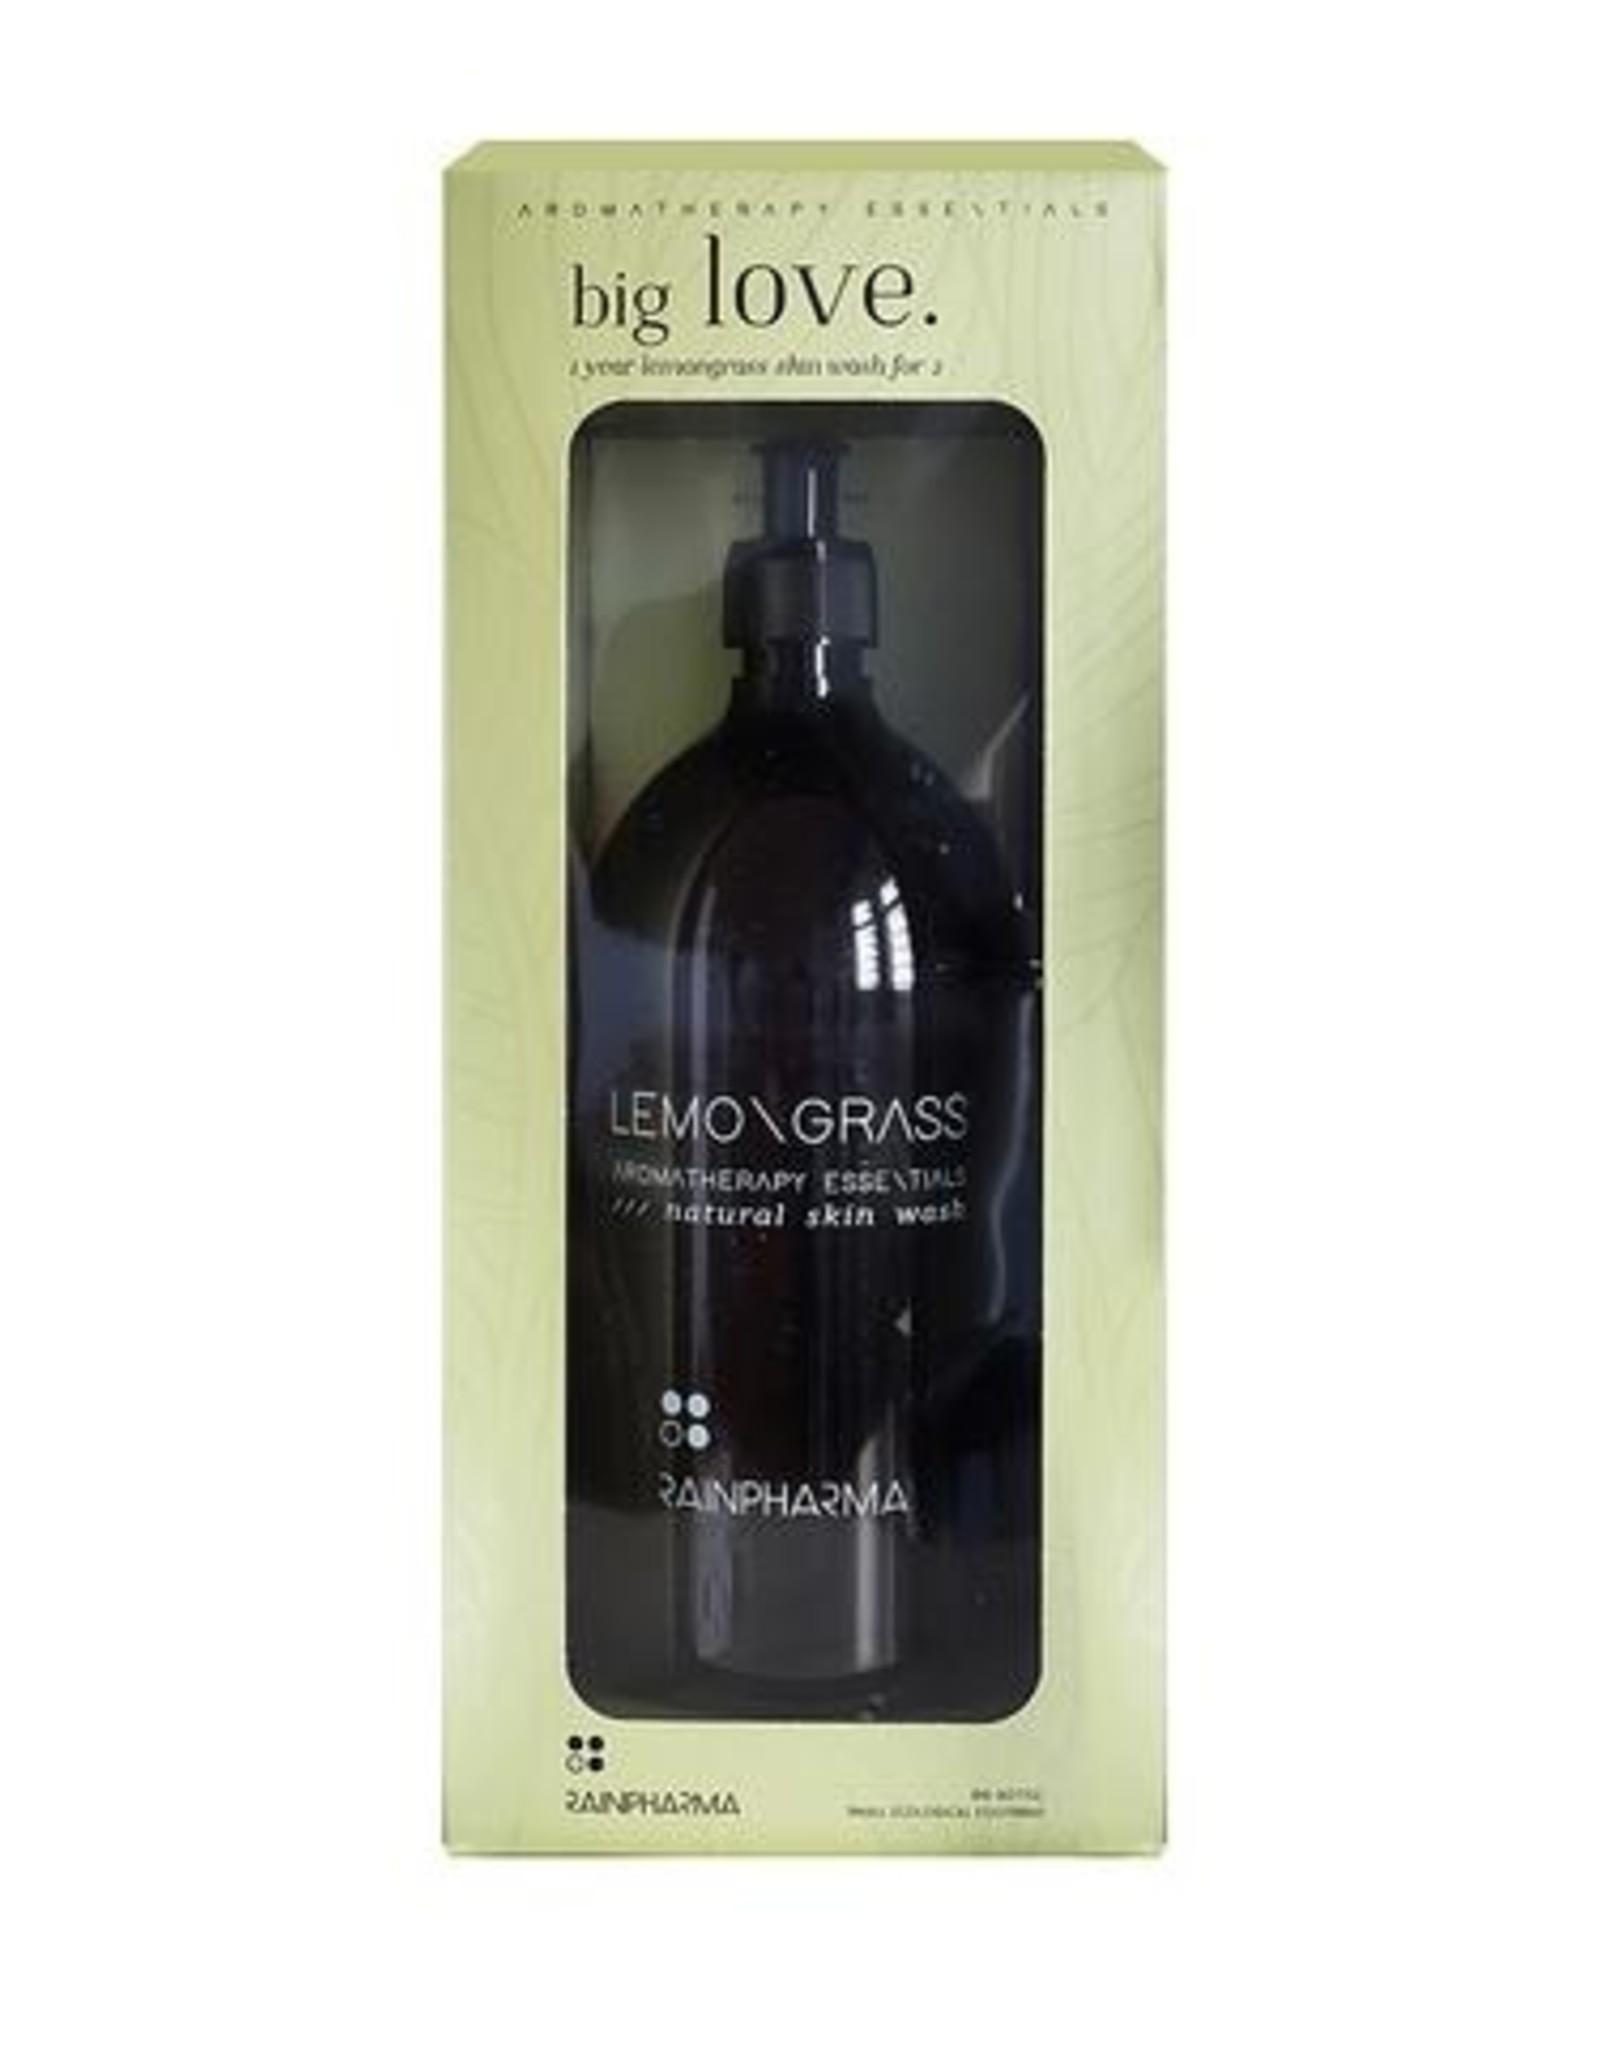 RainPharma Rainpharma - Big Love